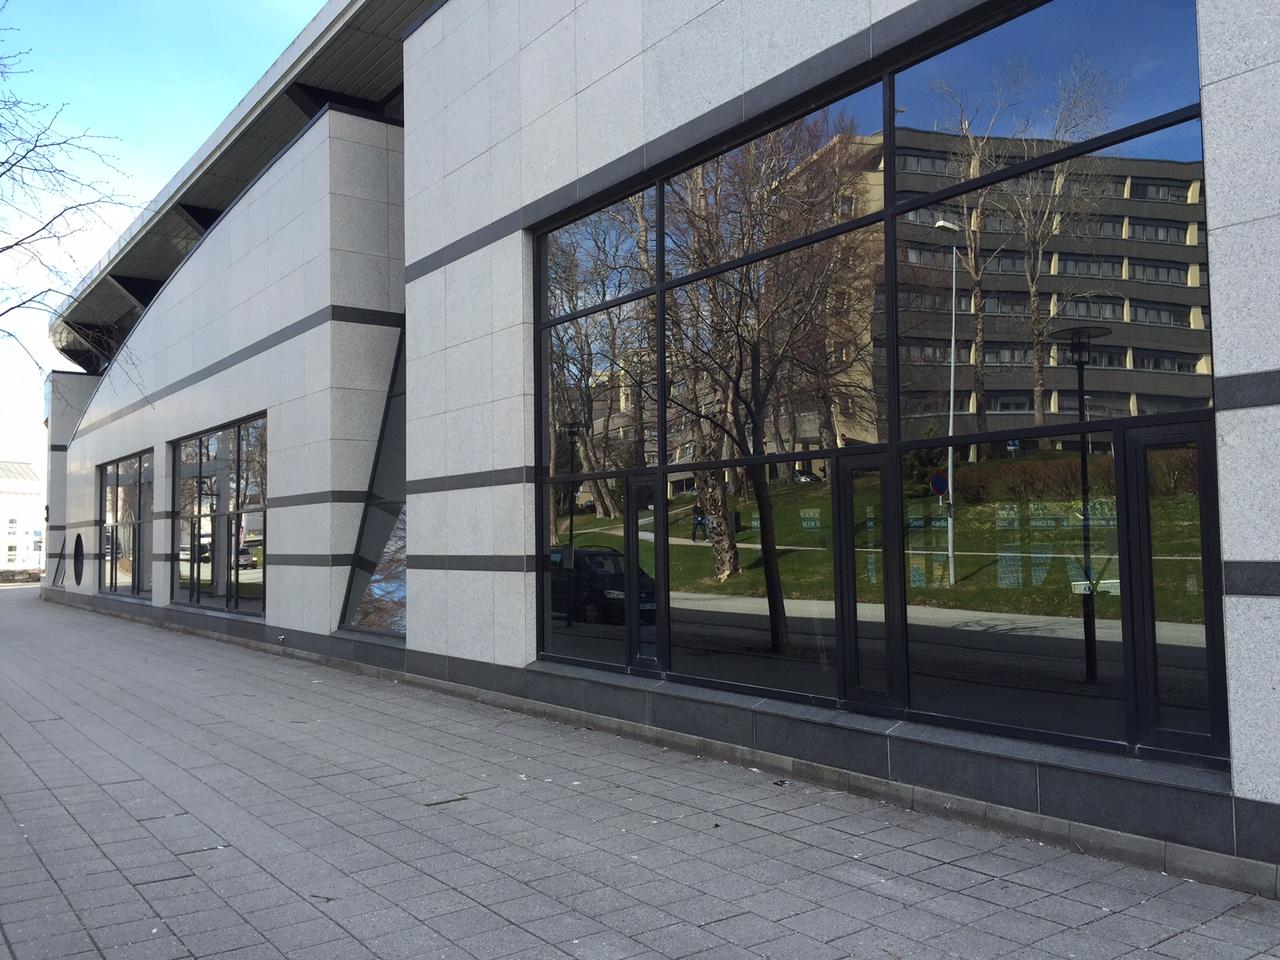 Lokalene innenfor vinduene pusses i disse dager opp. De bør bli fotballmuseum. Foto: Odd Roar Lange